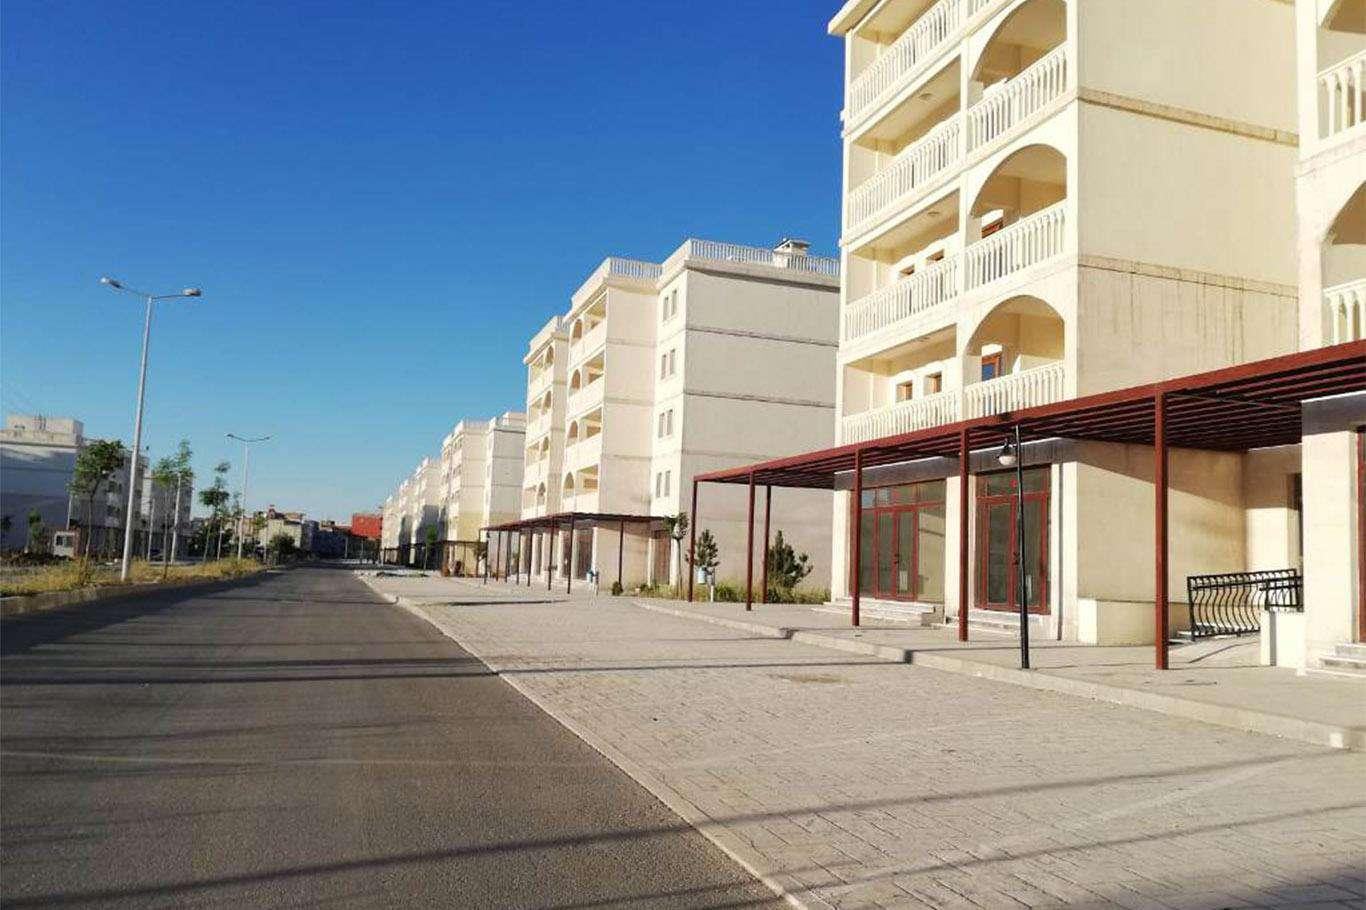 Nusaybin Toki'de Ev Alamayanlar İçin Fırsat! Yeni Talepler Alınmaya Başlanıyor